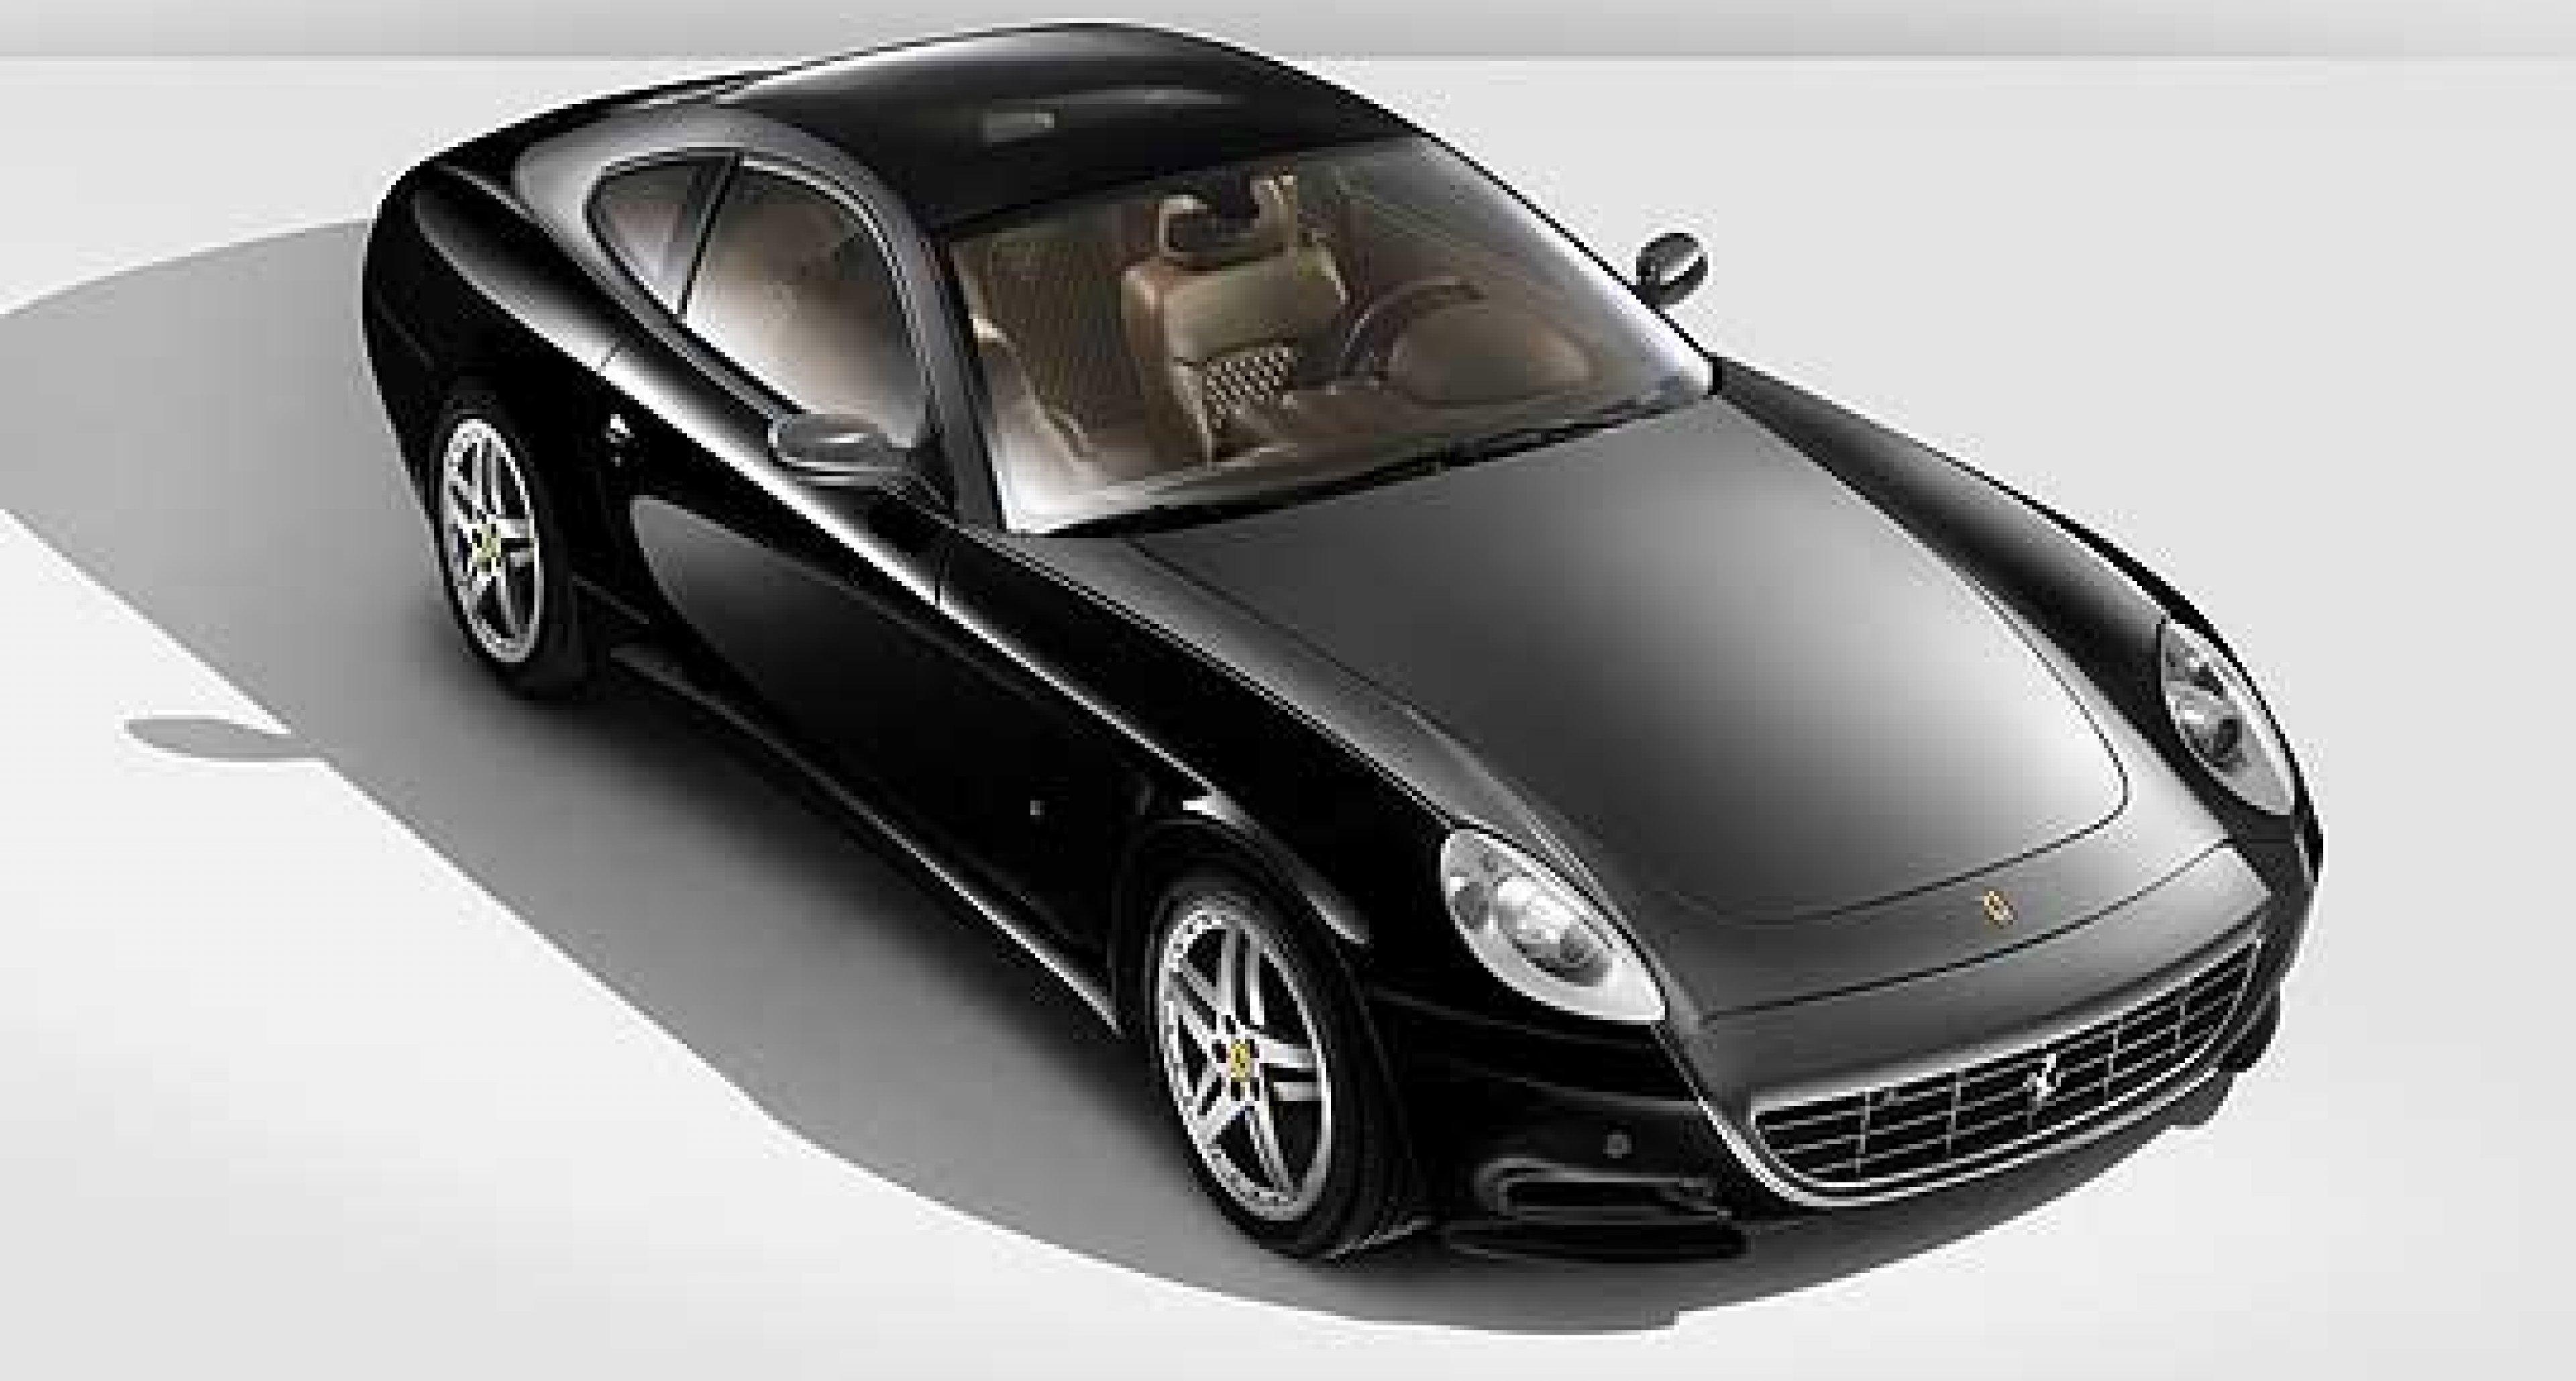 Special edition Ferrari to celebrate 60th anniversary